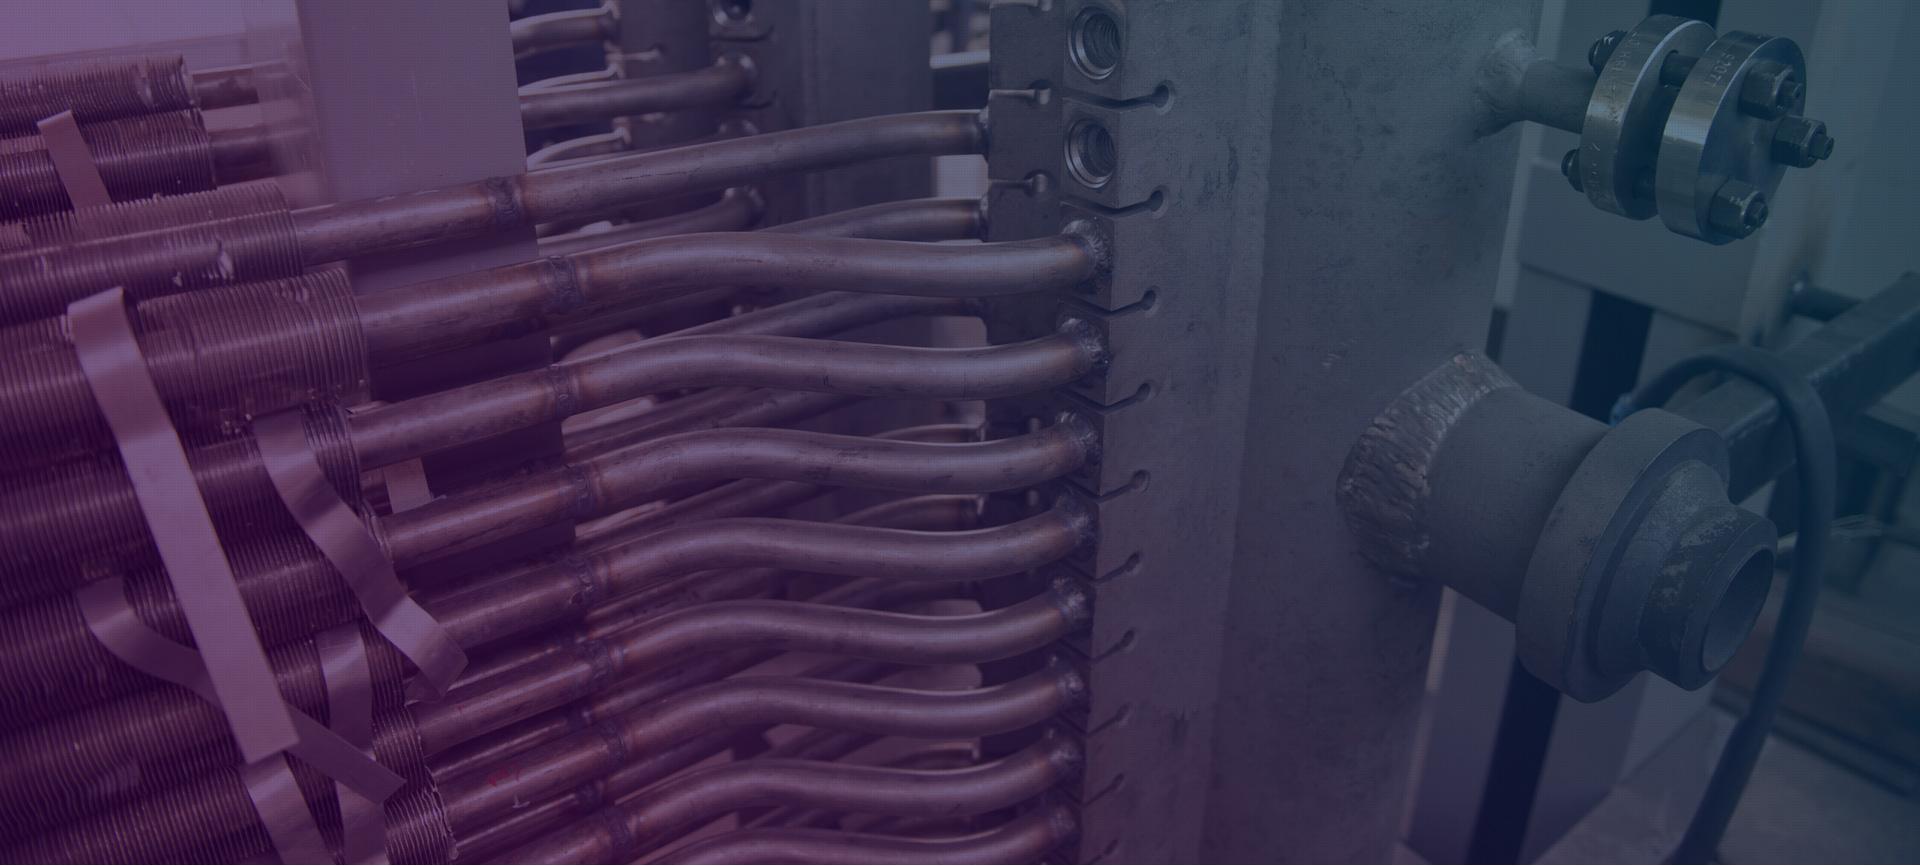 Теплообменники для охлаждения трубопроводов теплообменник пластинчатый тпр 0